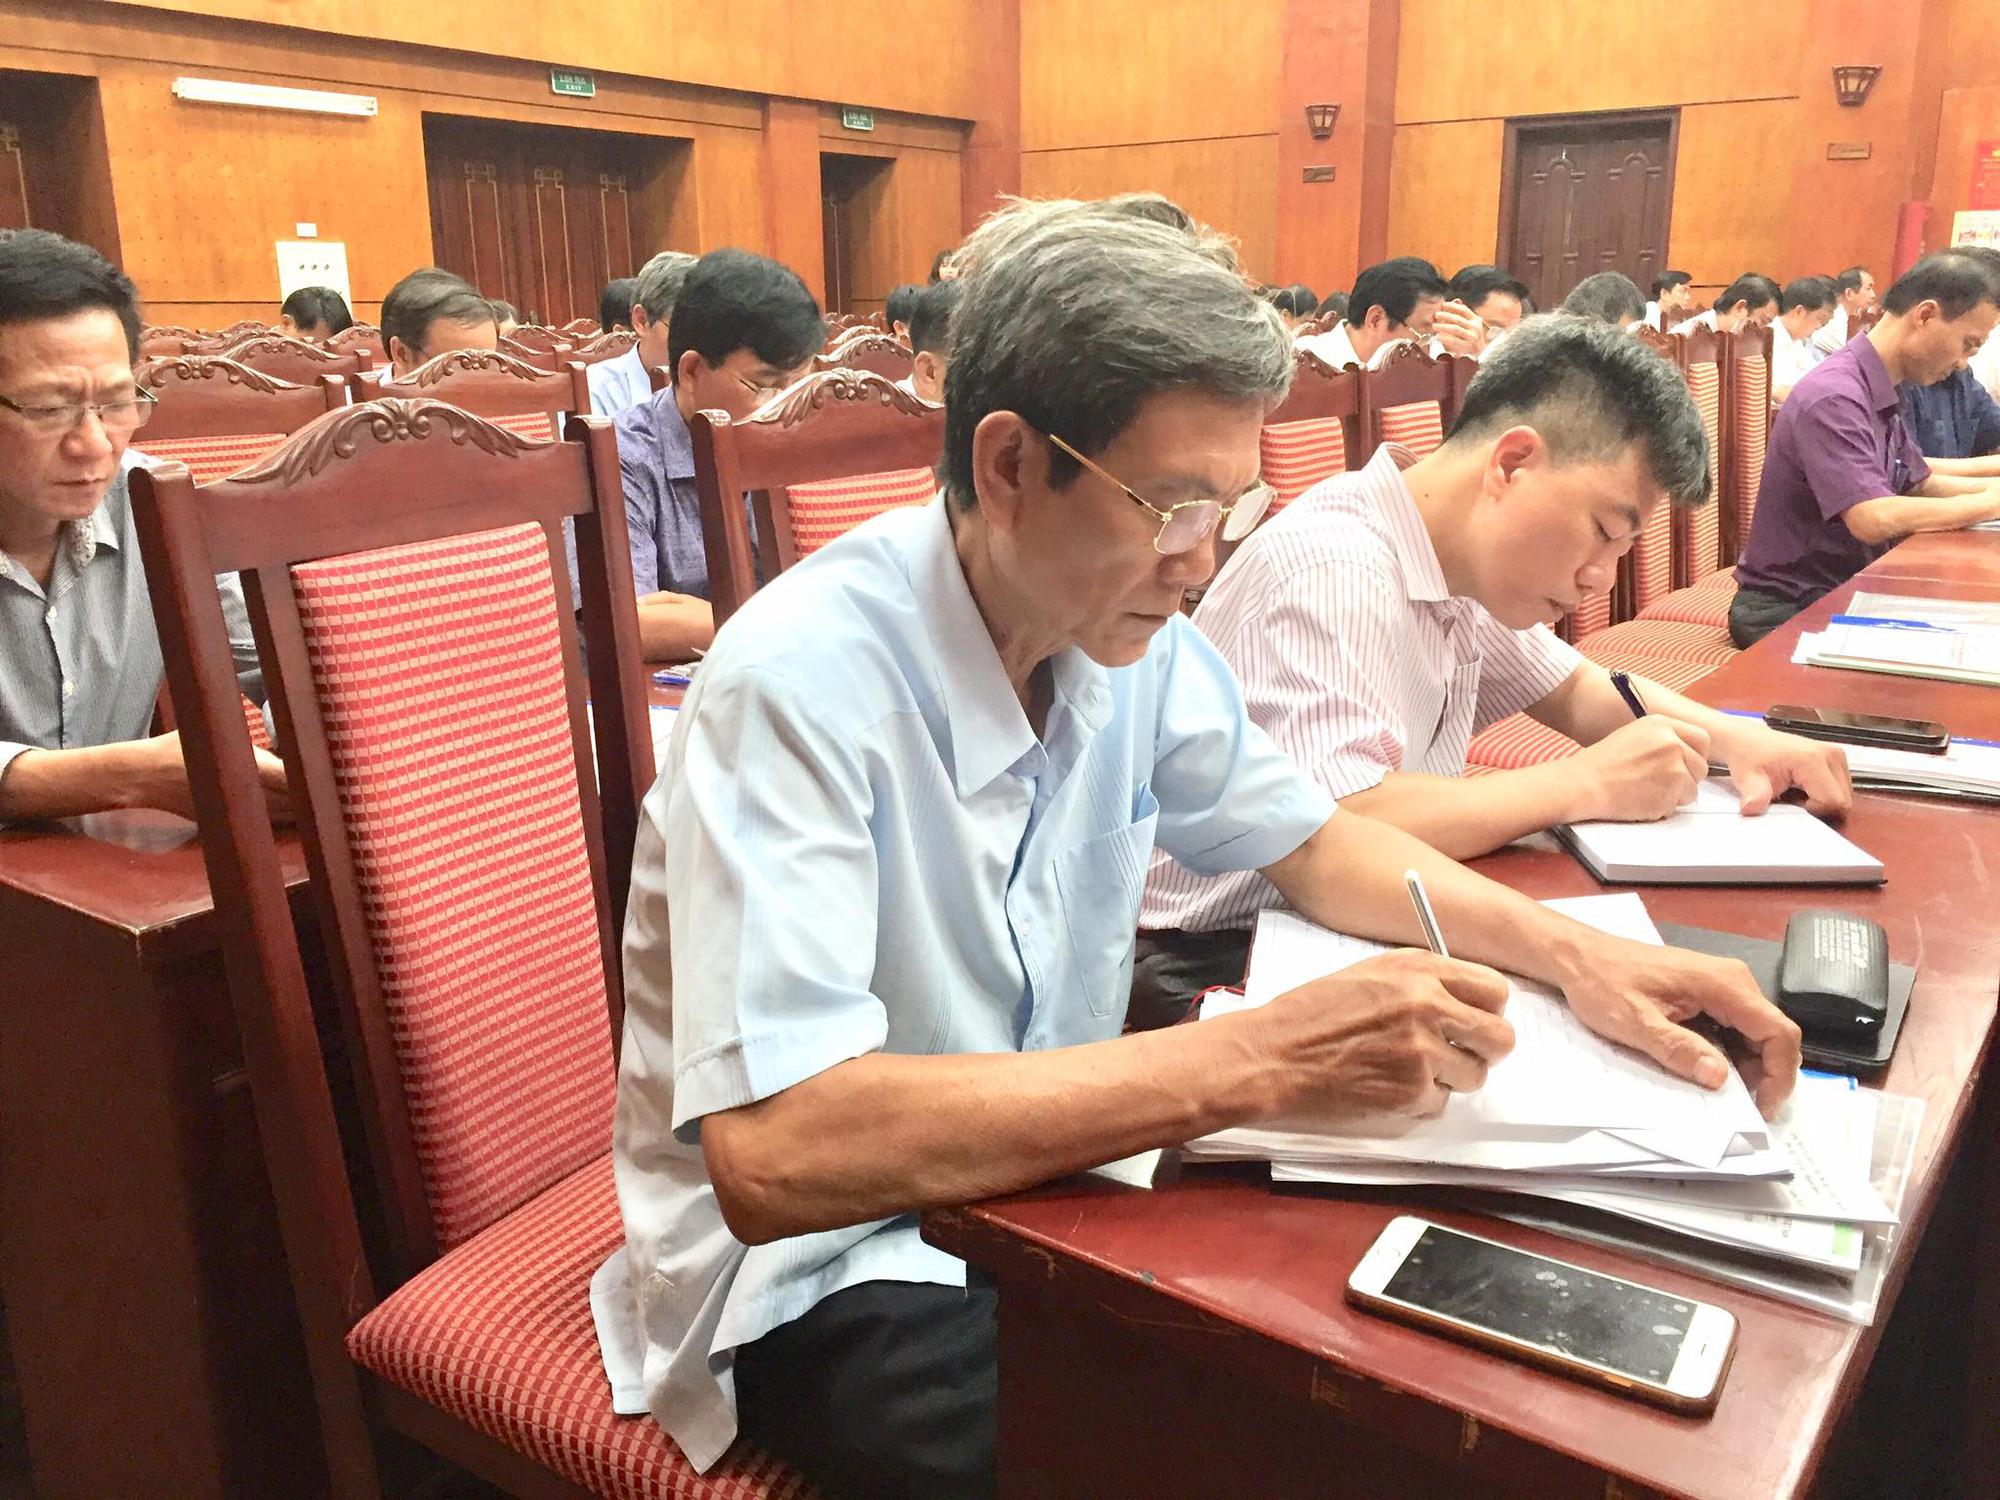 Hội nghị BCH T.Ư Hội NDVN: Tập trung thảo luận 6 vấn đề nóng về nông nghiệp, nông dân, nông thôn - Ảnh 4.